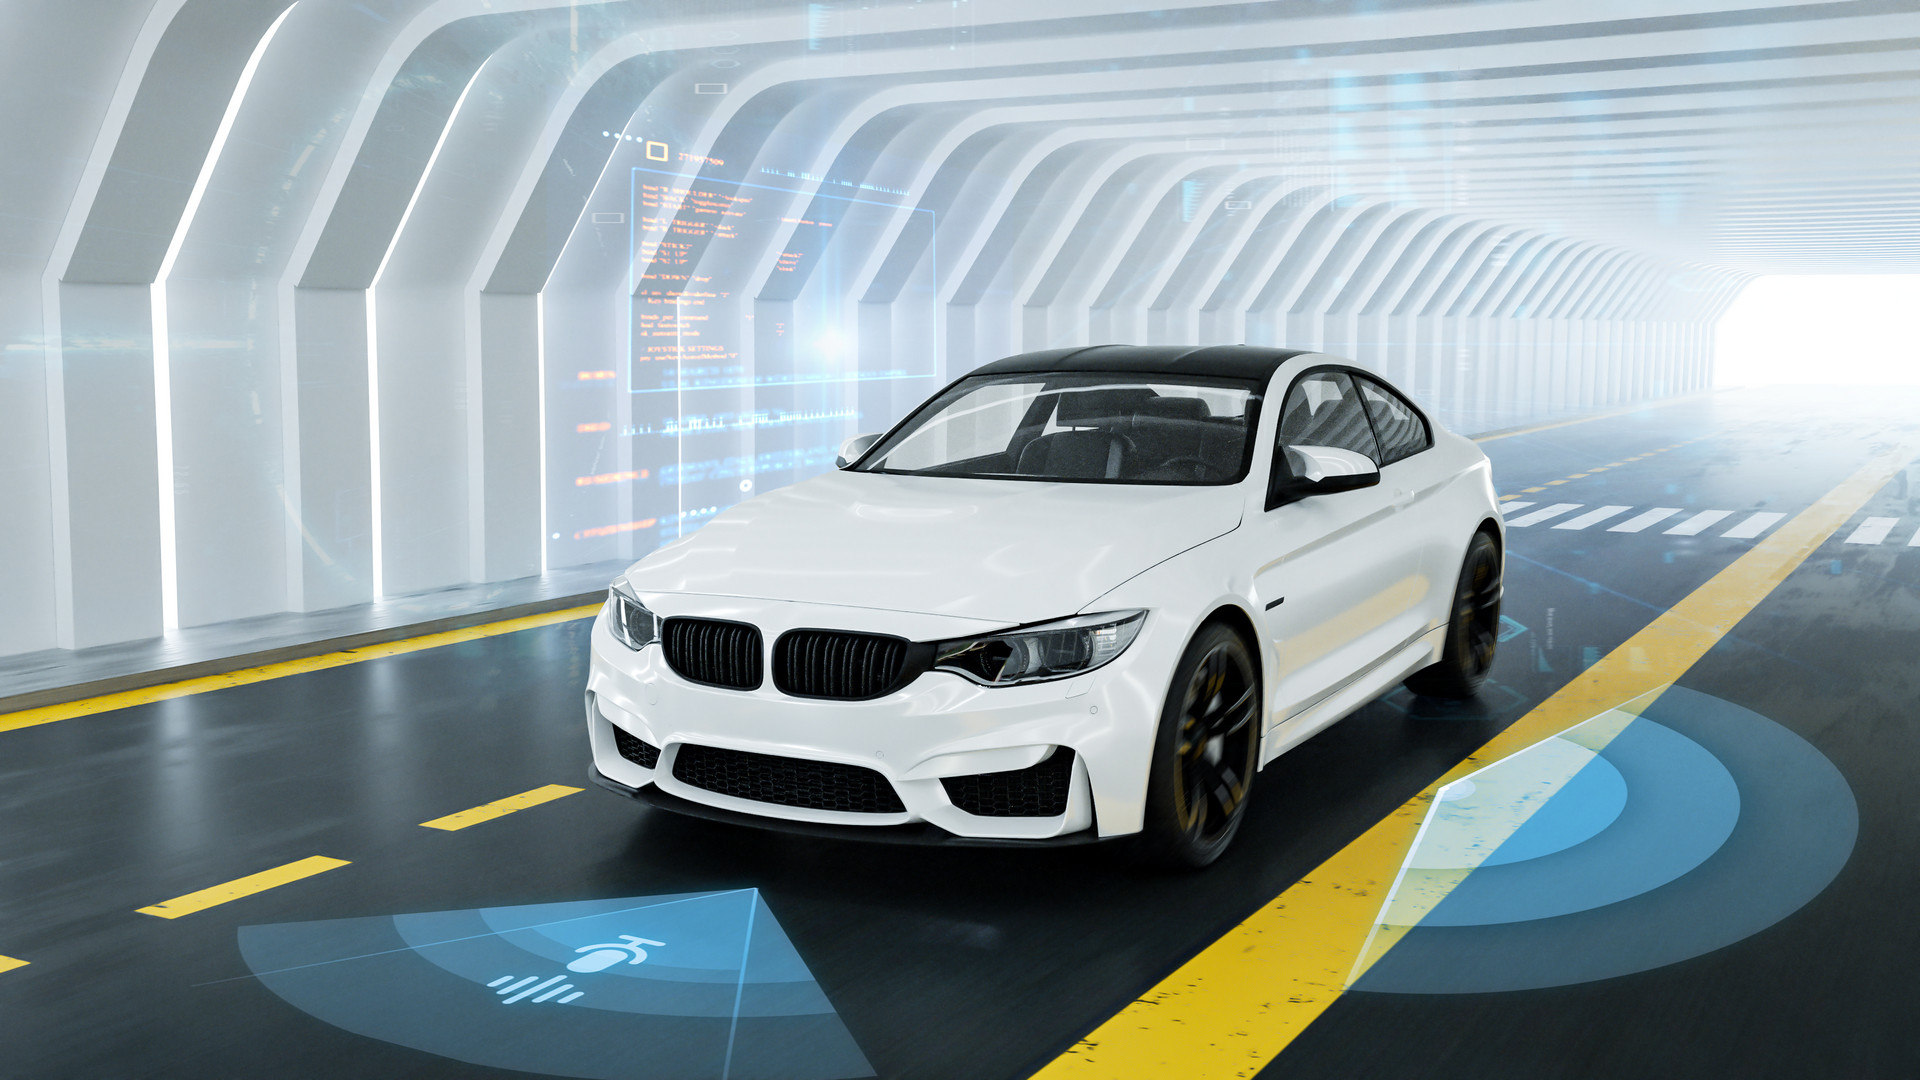 百度础辫辞濒濒辞在京设立全球最大自动驾驶和车路协同测试基地